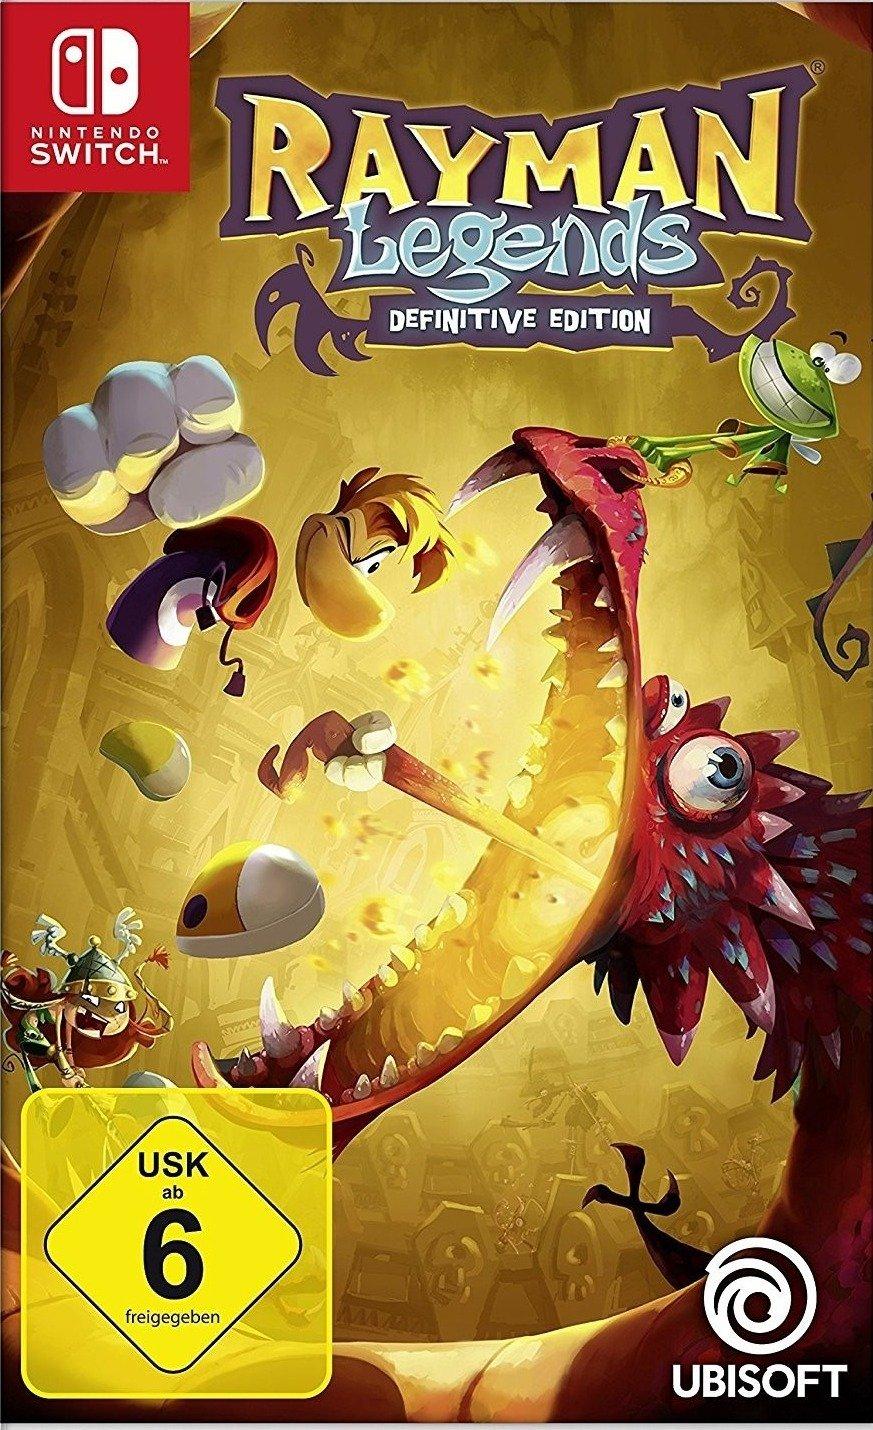 Rayman Legends: Definitive Edition (Switch) für 26,99€ & NBA 2K18 (Switch) für 15,99€ (eBay)